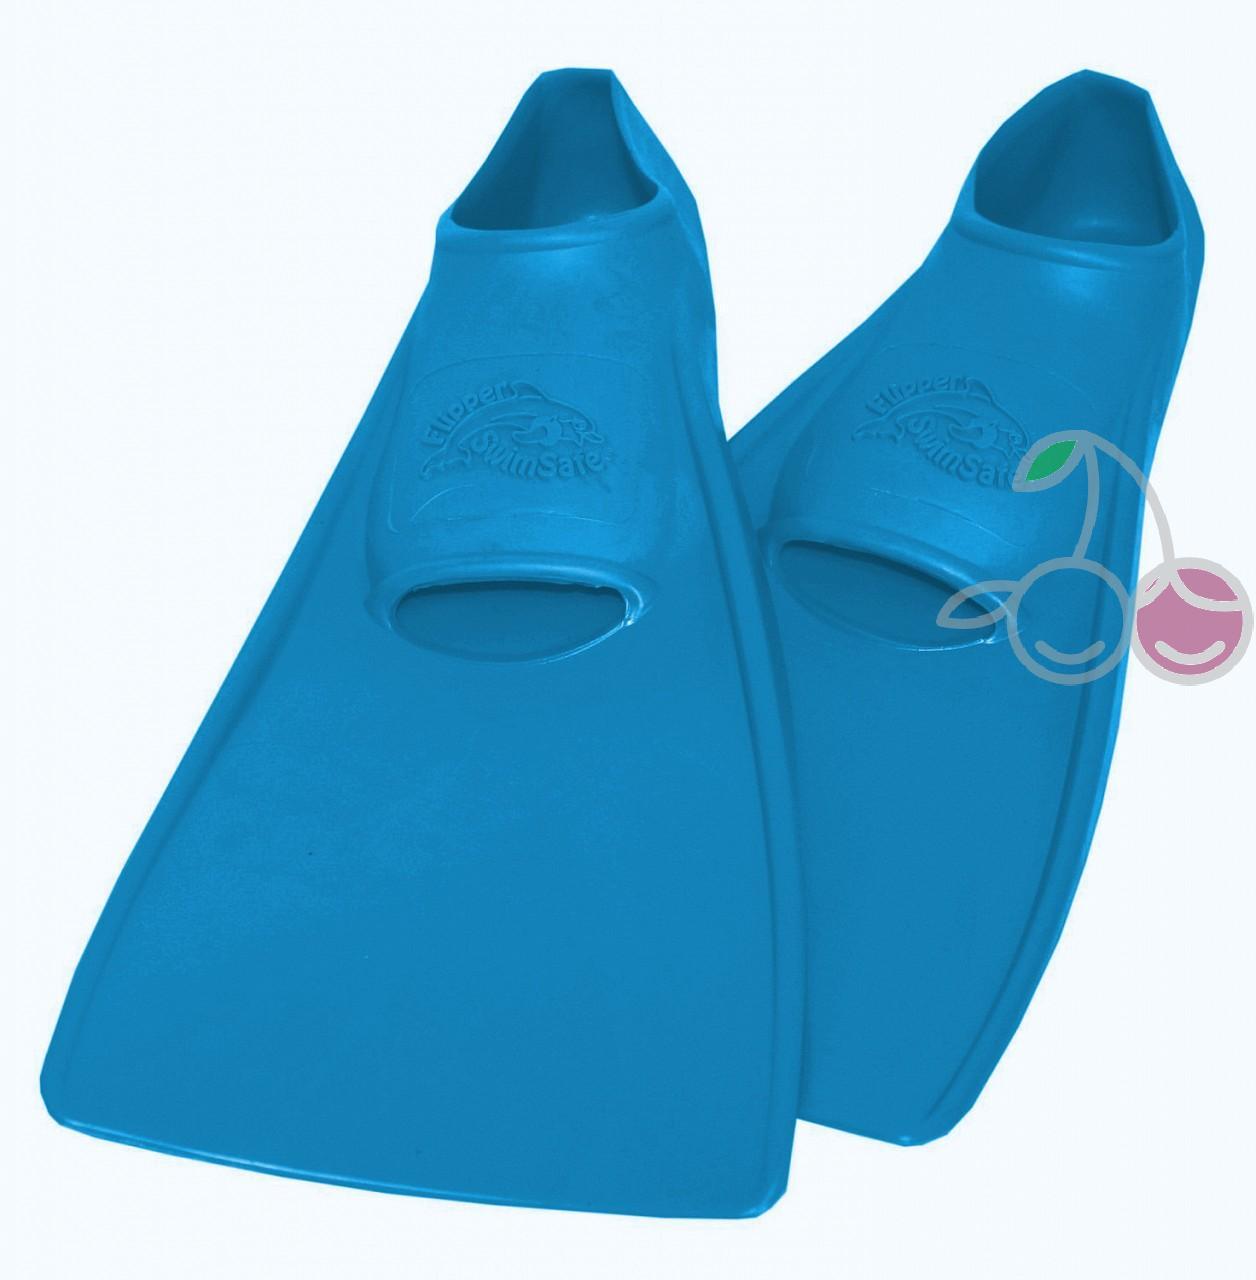 Ласты для бассейна резиновые детские размеры 21-22 синие ПРОПЕРКЭРРИ (ProperCarry), - фото 1